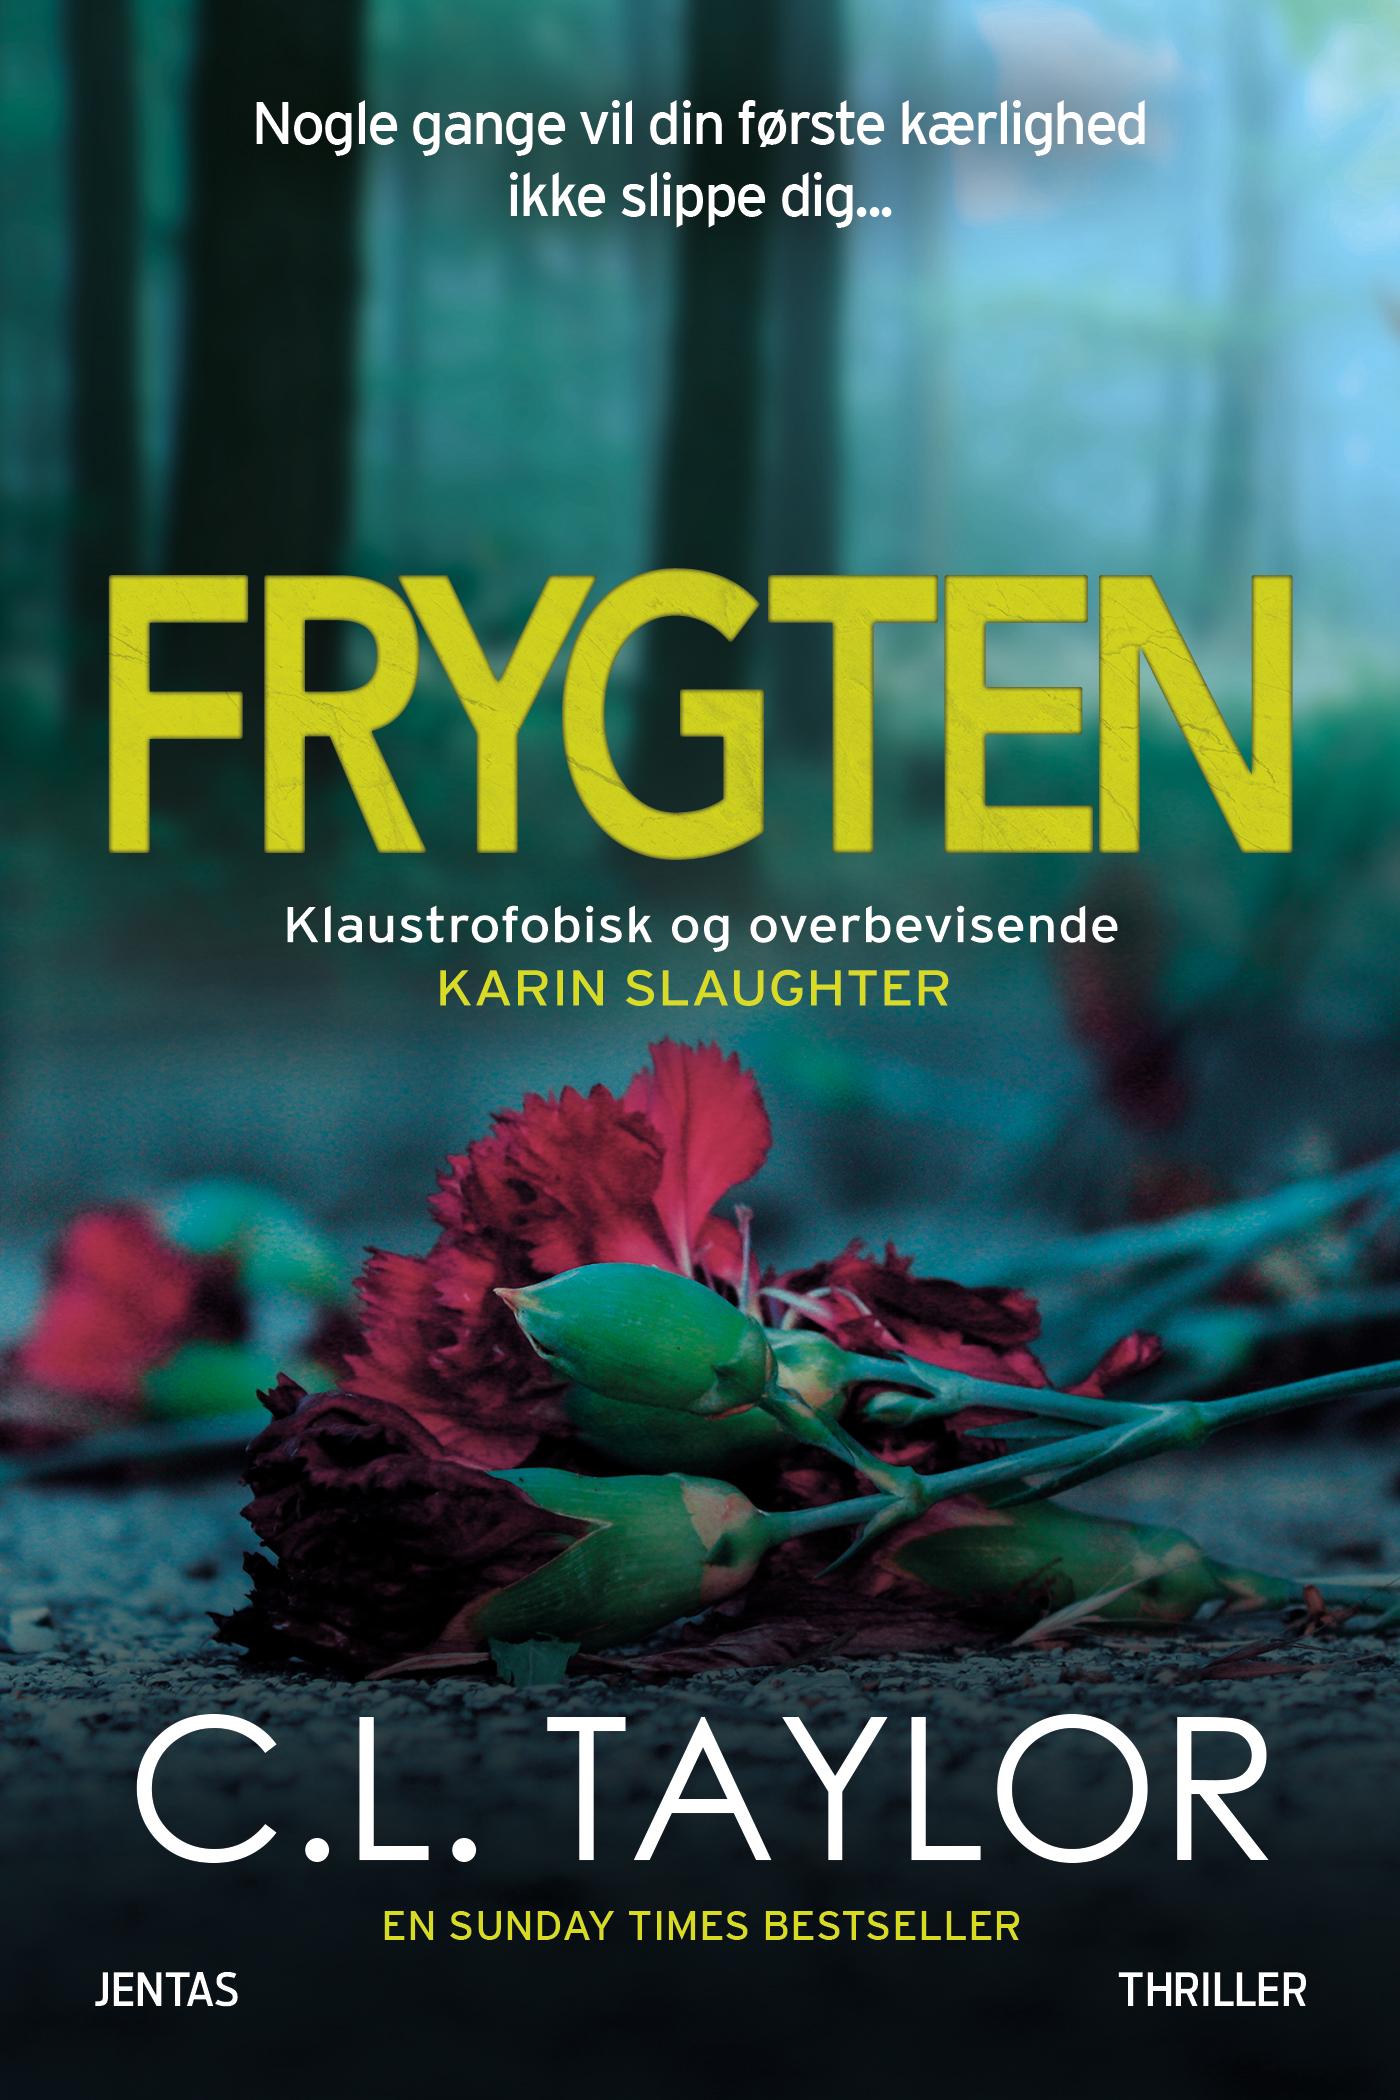 Frygten - C. L. Taylor - Bøger - Jentas A/S - 9788742601532 - 15/8-2019